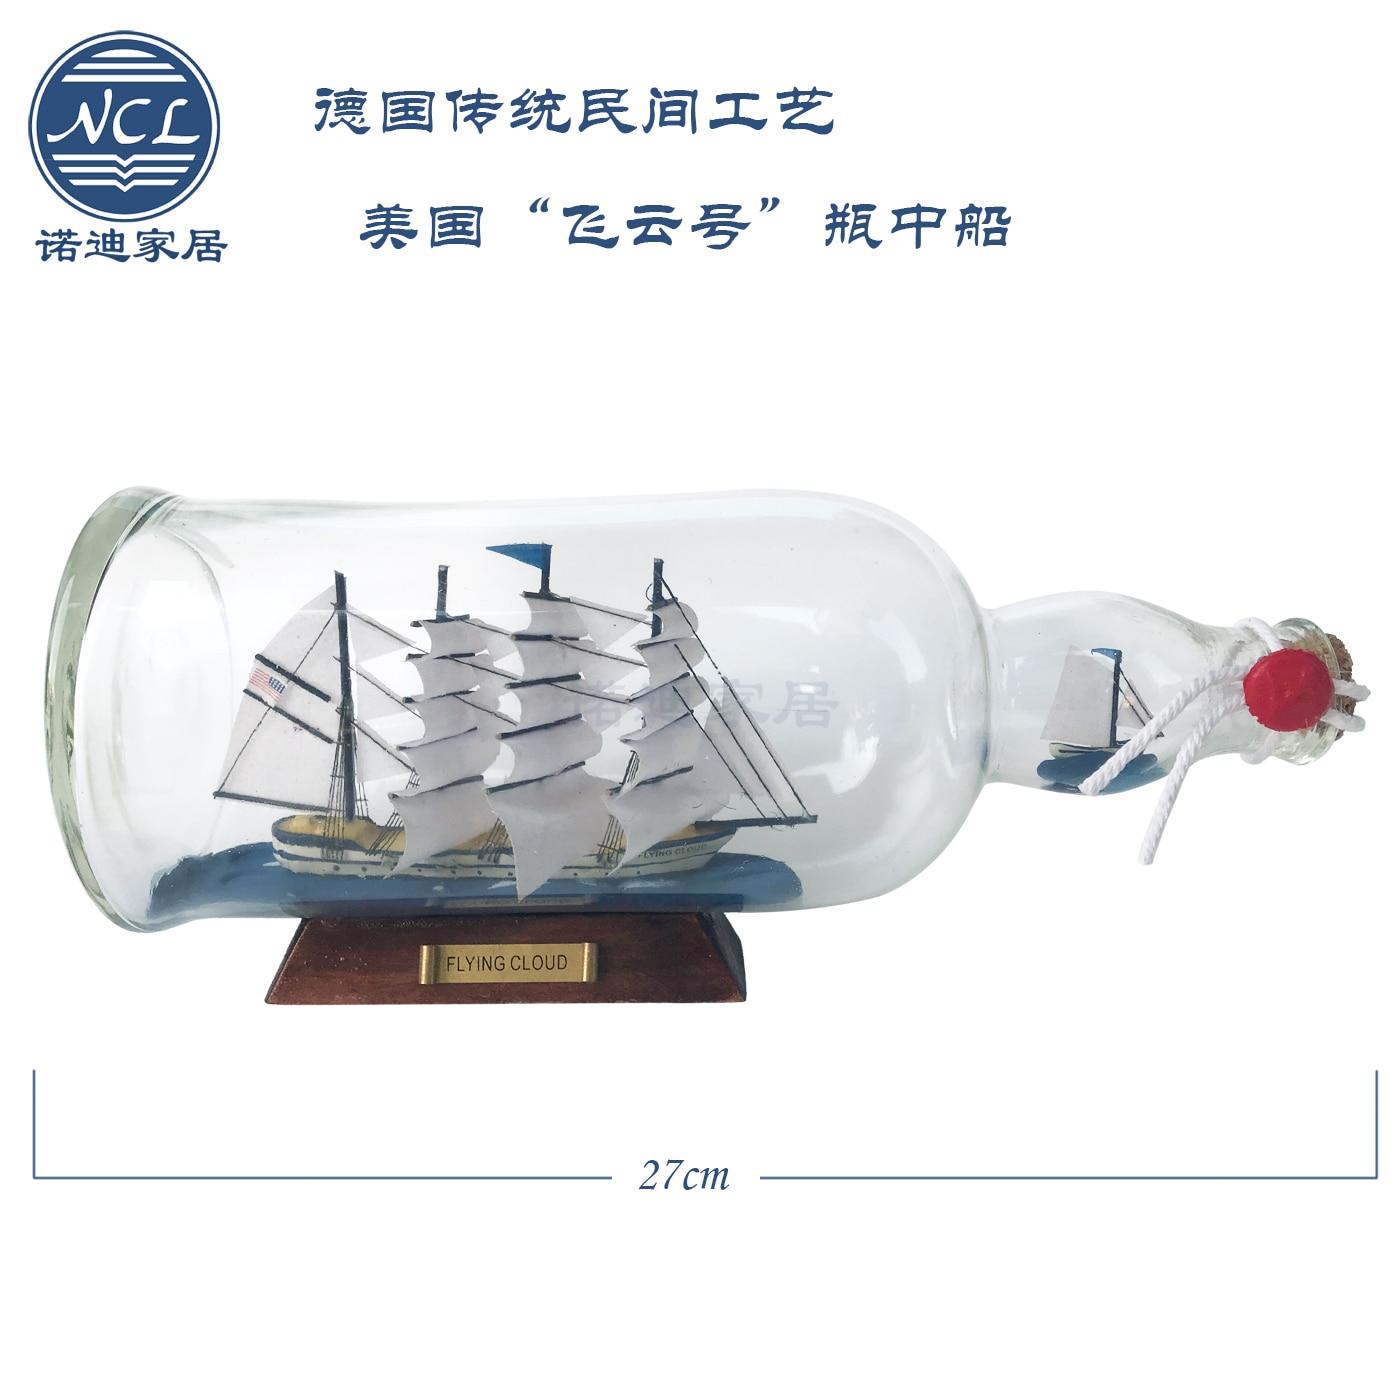 Dérive bouteille navire dans une bouteille HMS Surprise voile sur méditerranée maison salon ornement Place ornement cadeau artisanat modèle